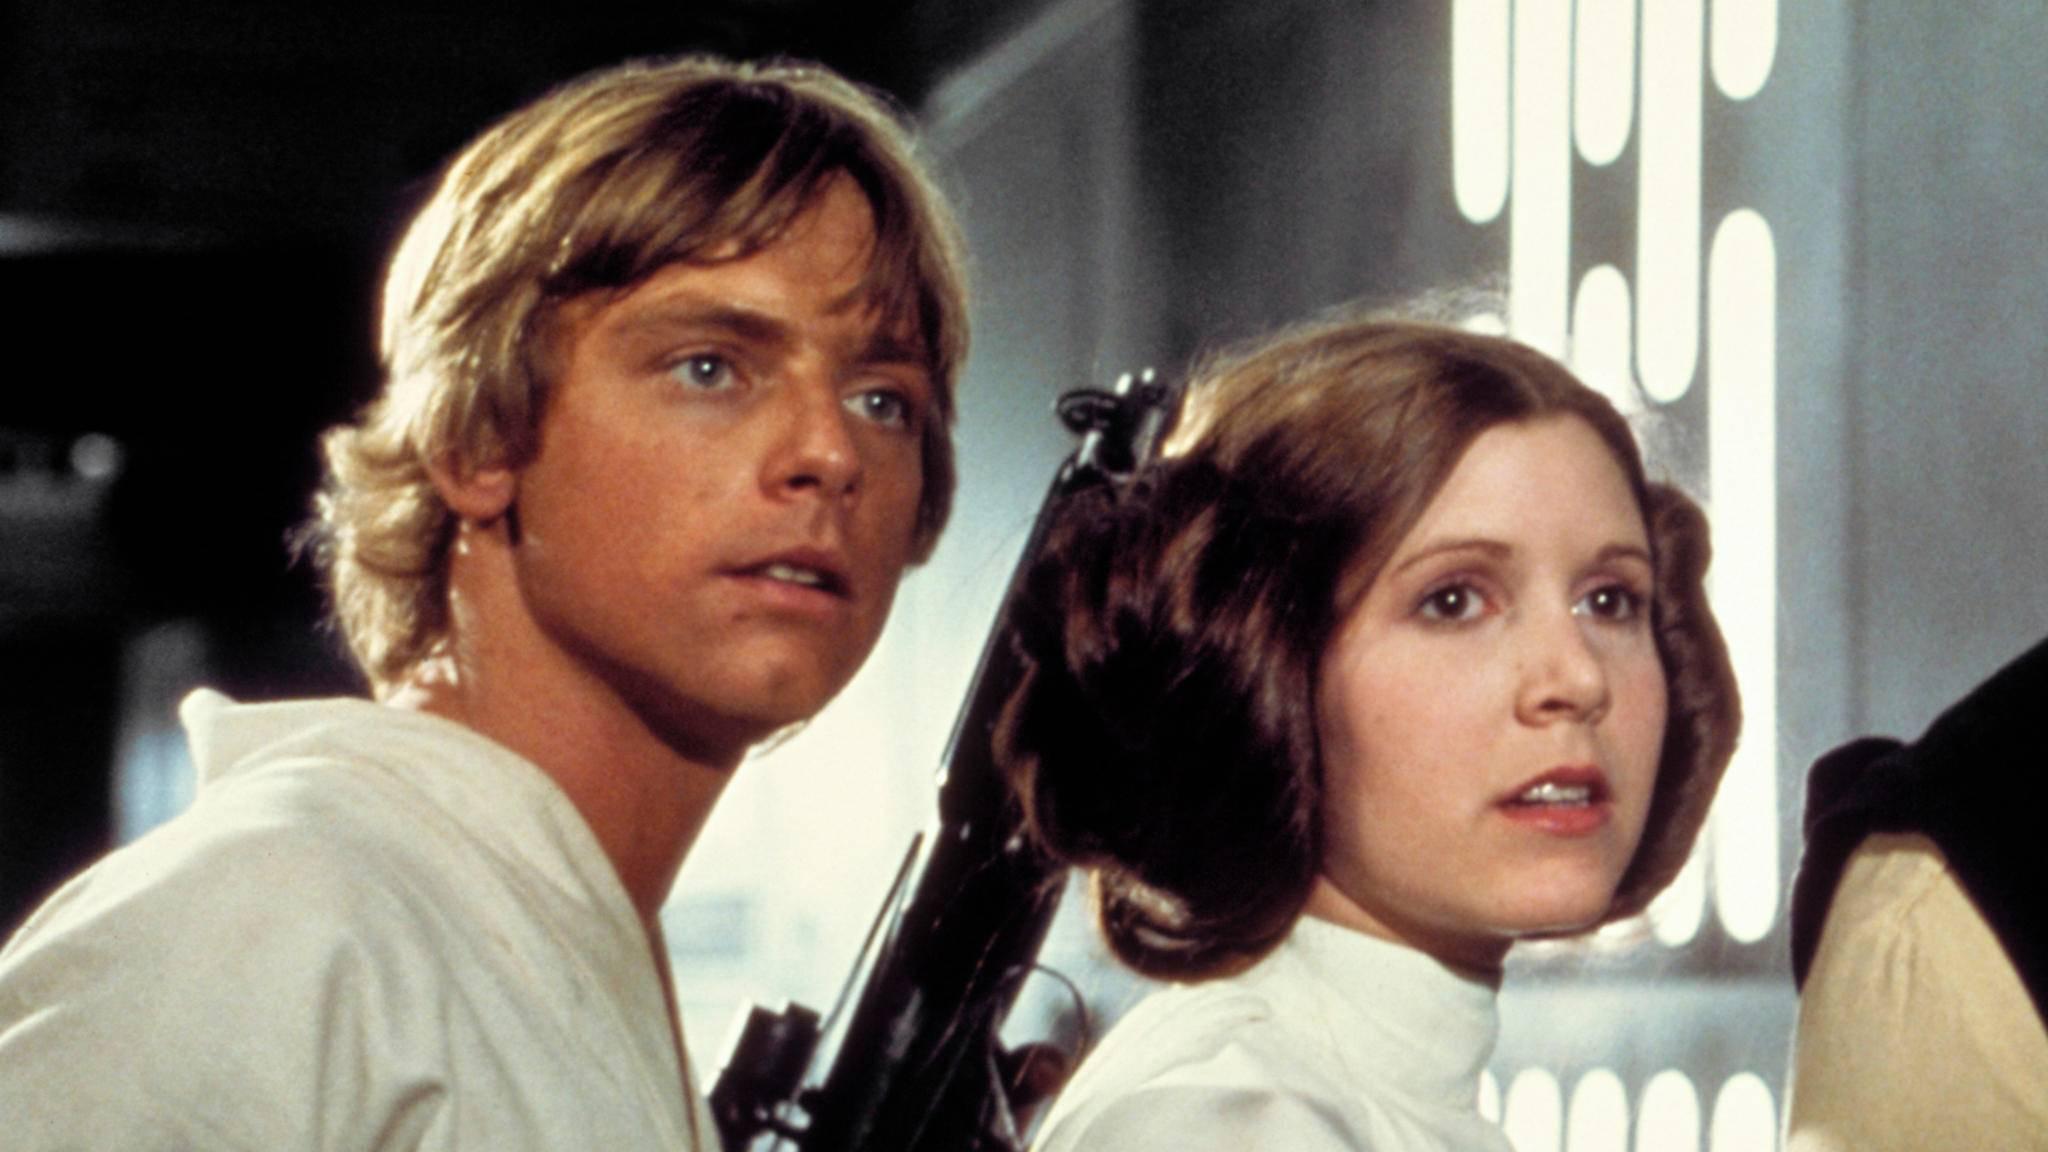 Weder damals noch heute: Für Mark Hamill kann es nur eine Prinzessin Leia geben.